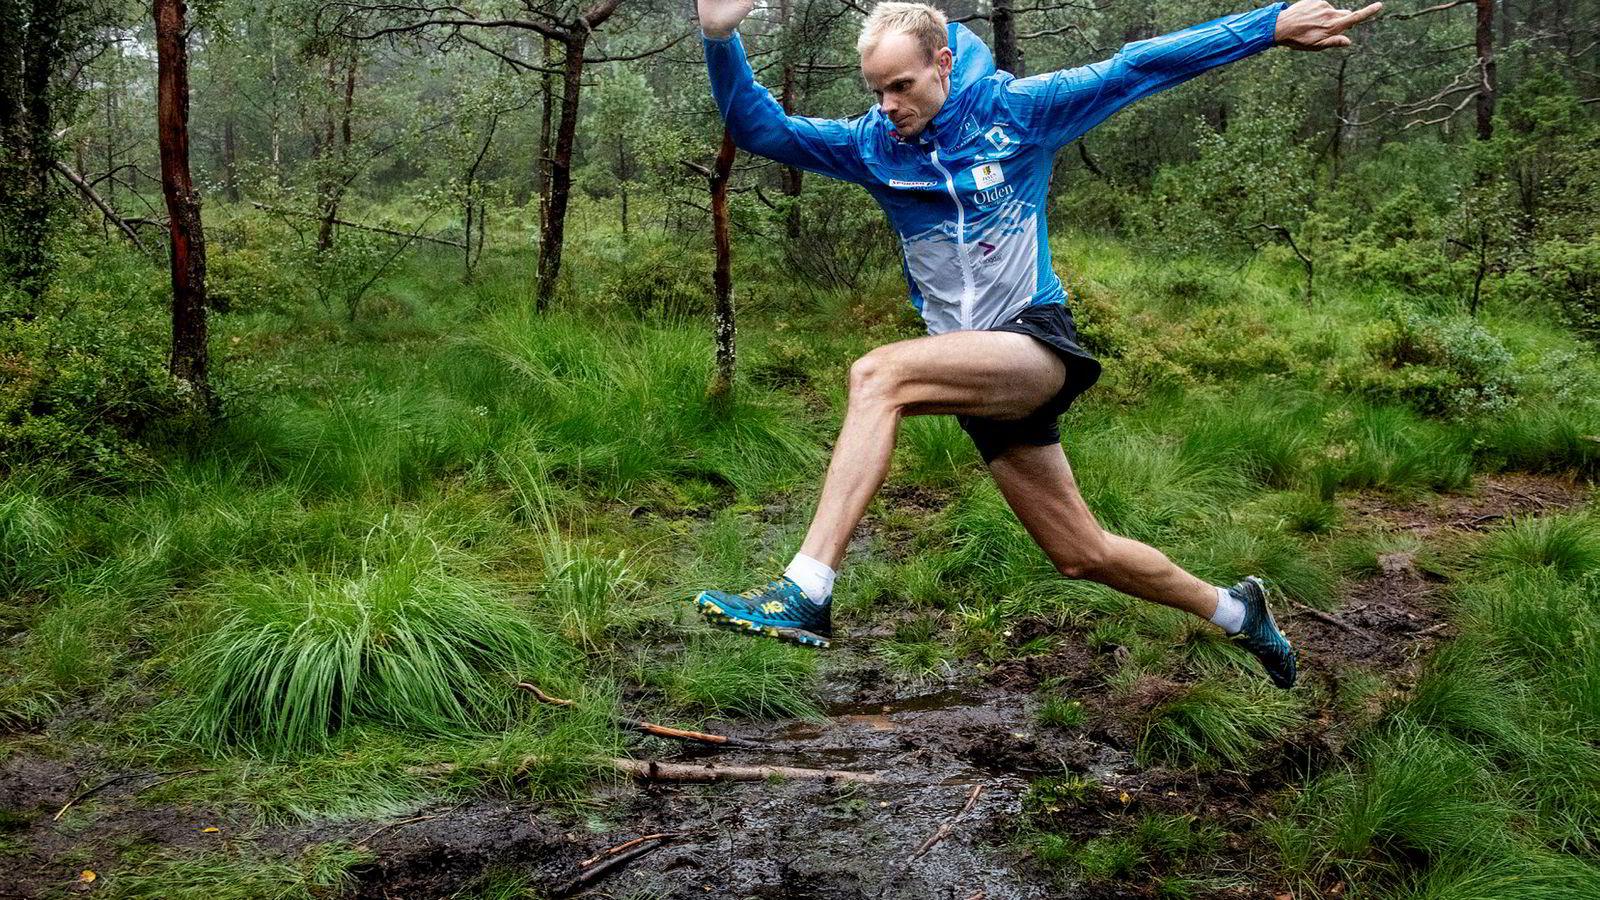 Seige sprang. Bjørn Tore Kronen Taranger tror det er flere veier til Rom: – Hvis du klarer å løpe rolig lenge nok, blir du god. Du behøver ikke å løpe fort for å bli sterk, men da må du strekke deg ved stadig å løpe lengre. Først da blir du seig.